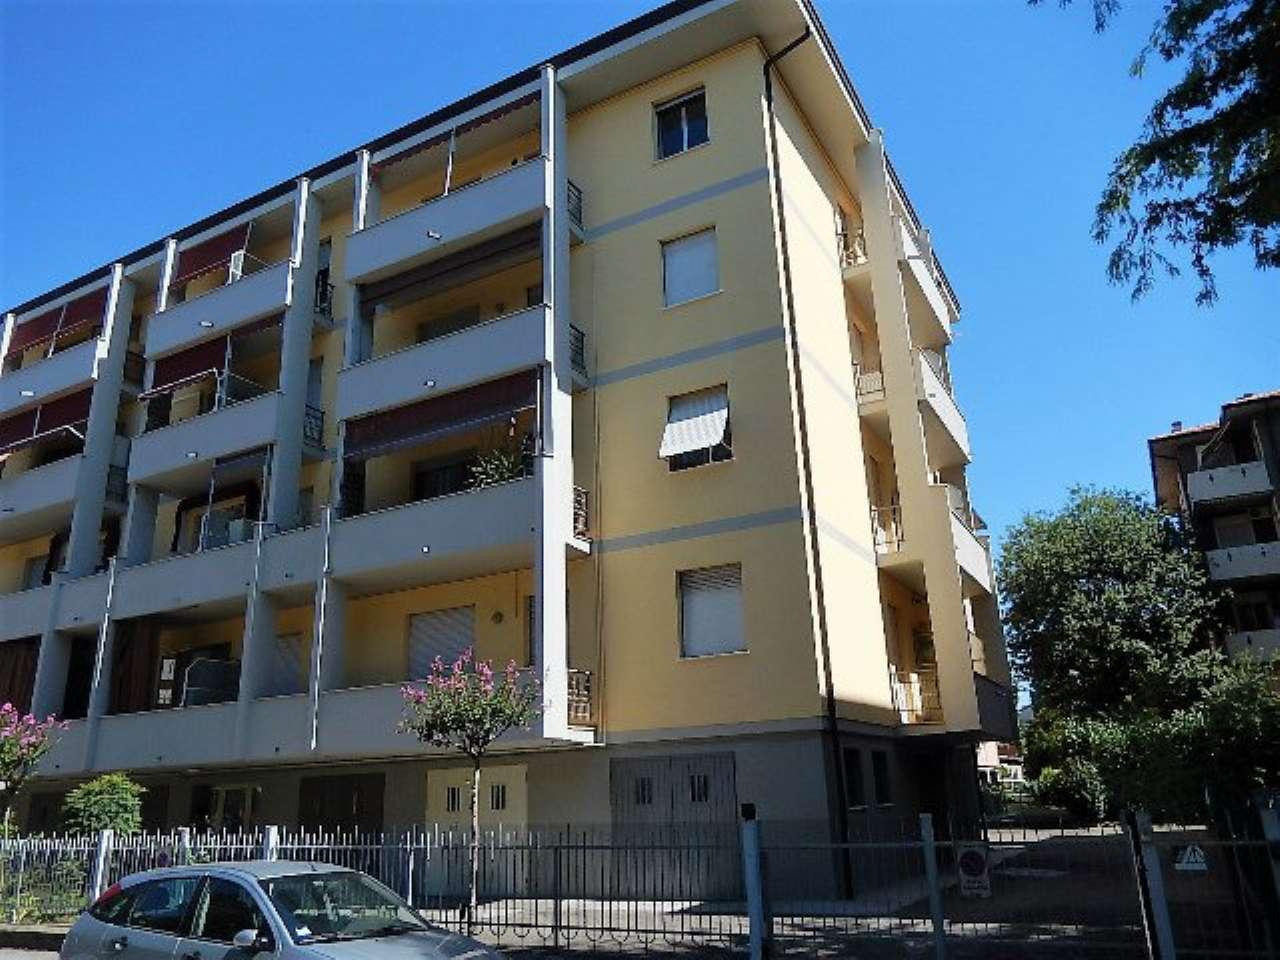 Appartamento in vendita a Forlì, 4 locali, prezzo € 100.000   CambioCasa.it